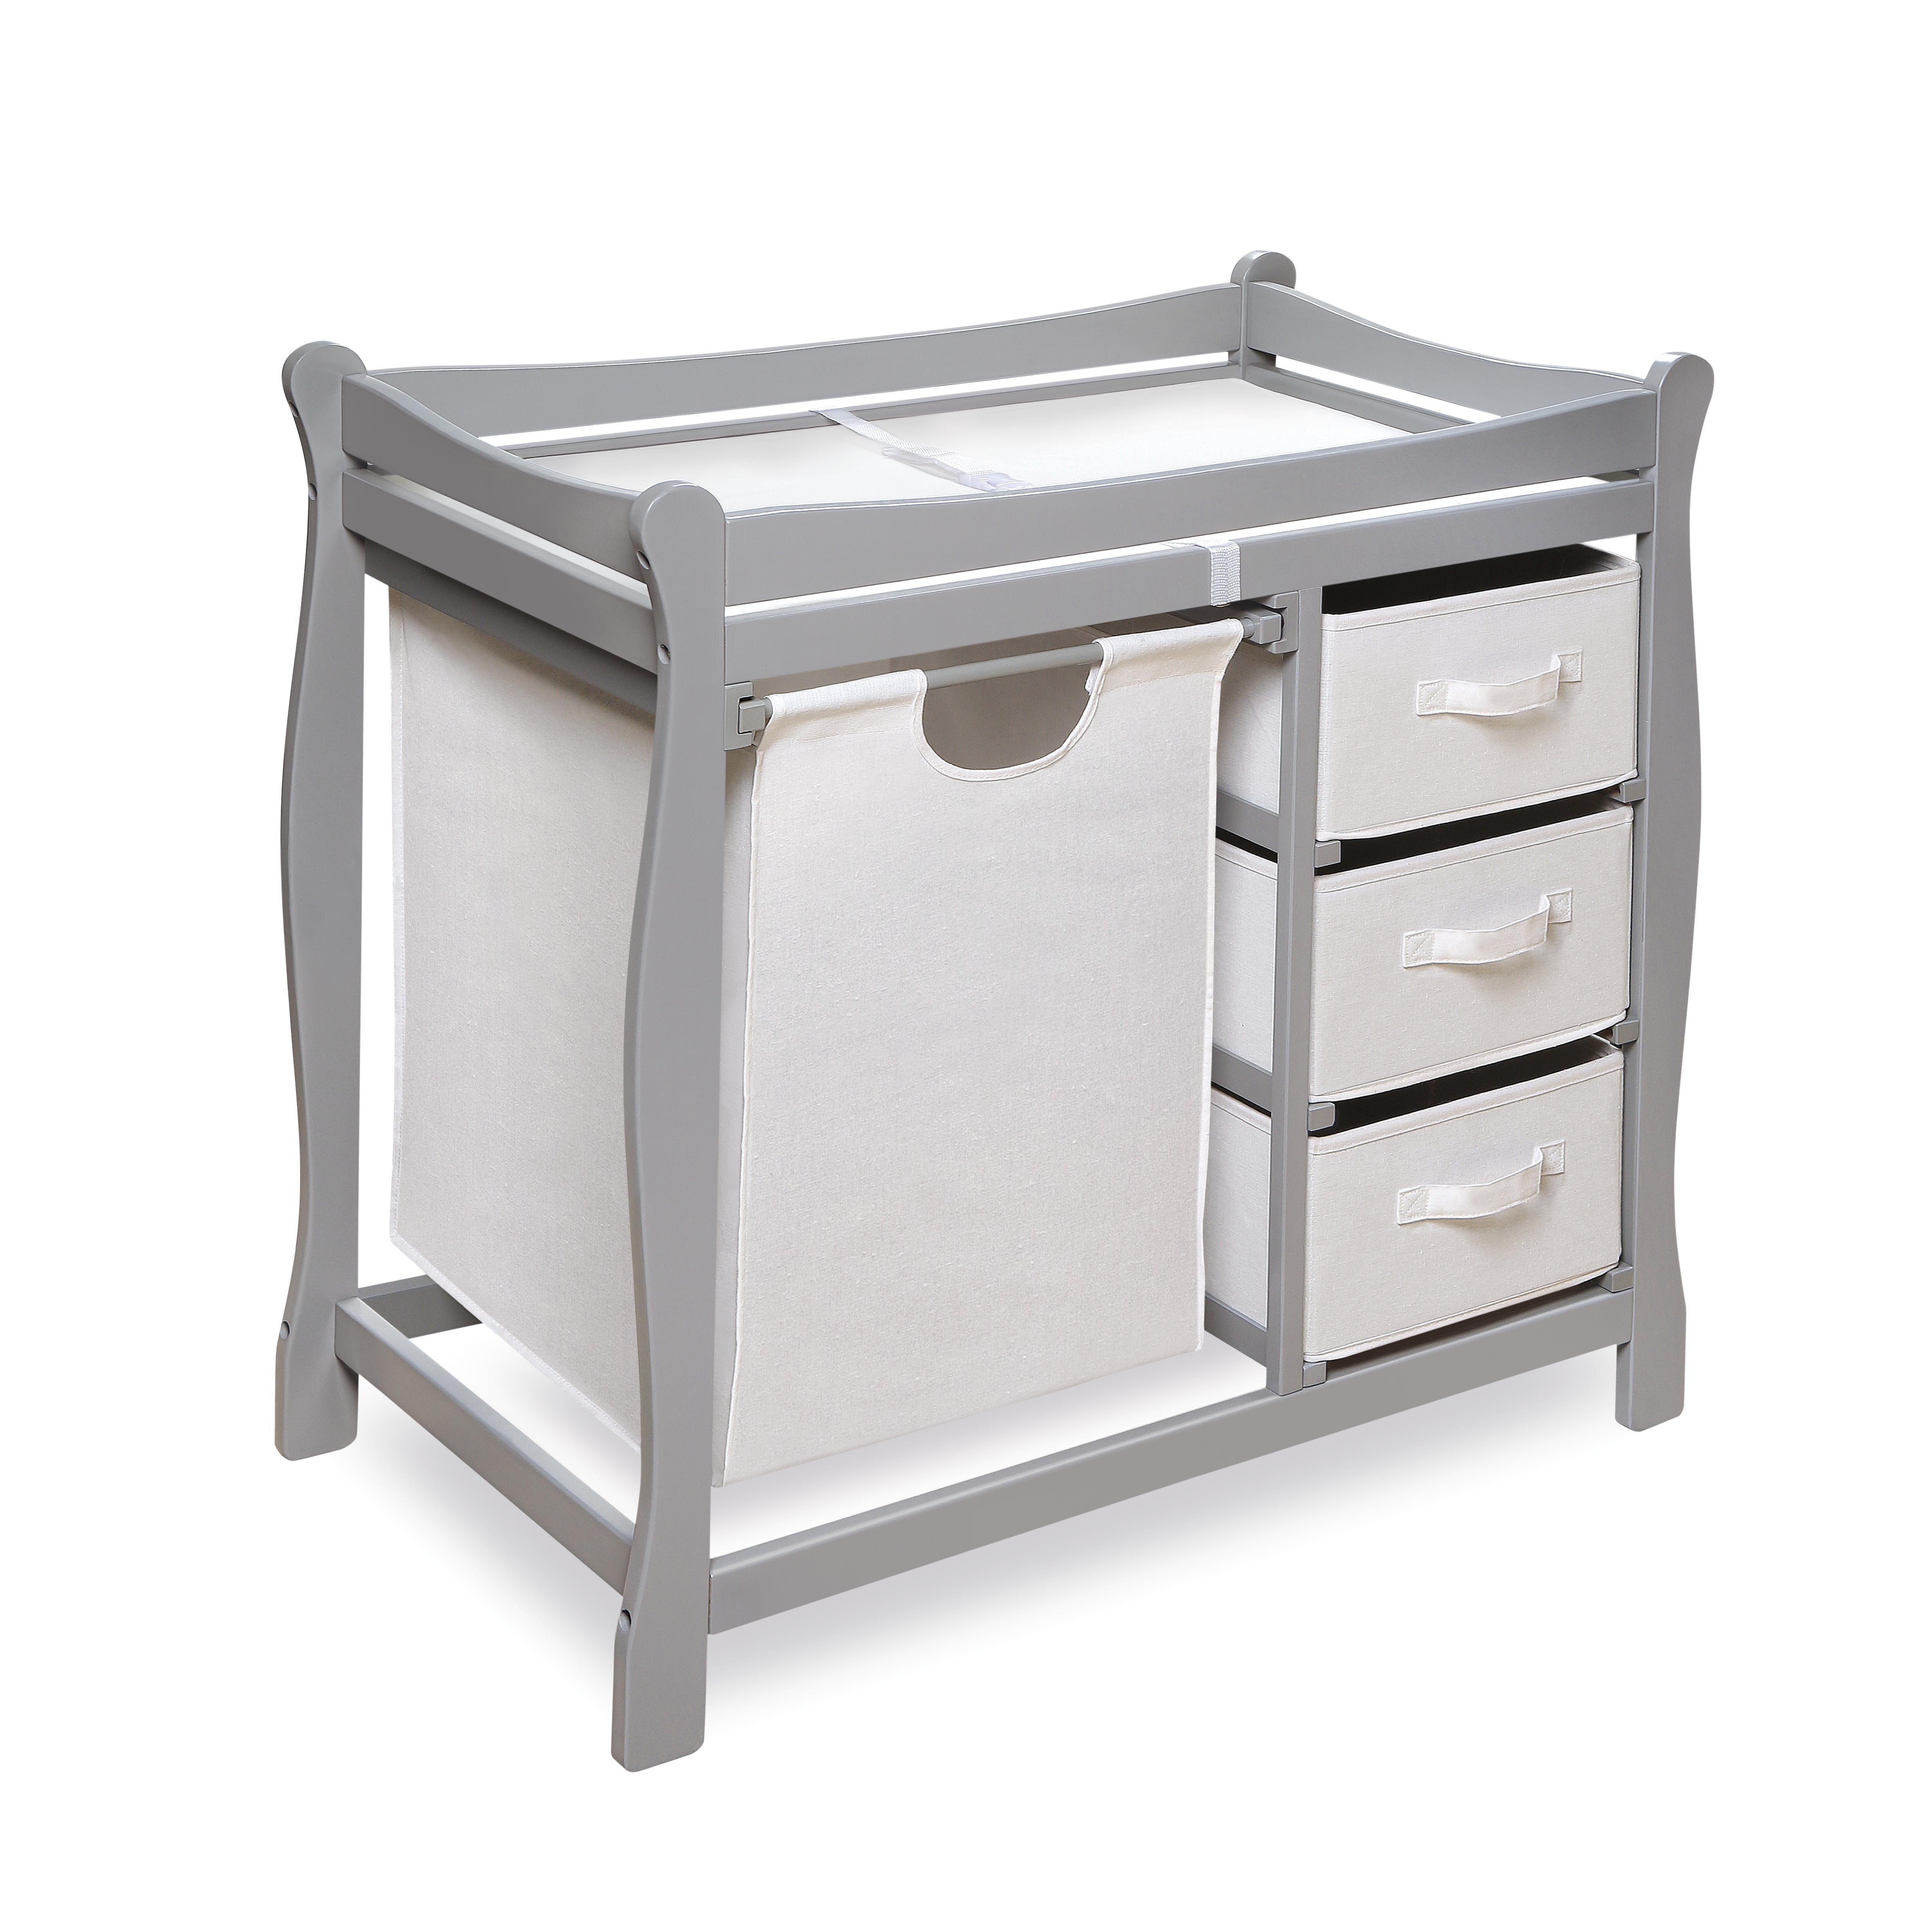 Superbe Modern Changing Table With 3 Baskets And Hamper   Color: Espresso Badger  Basket